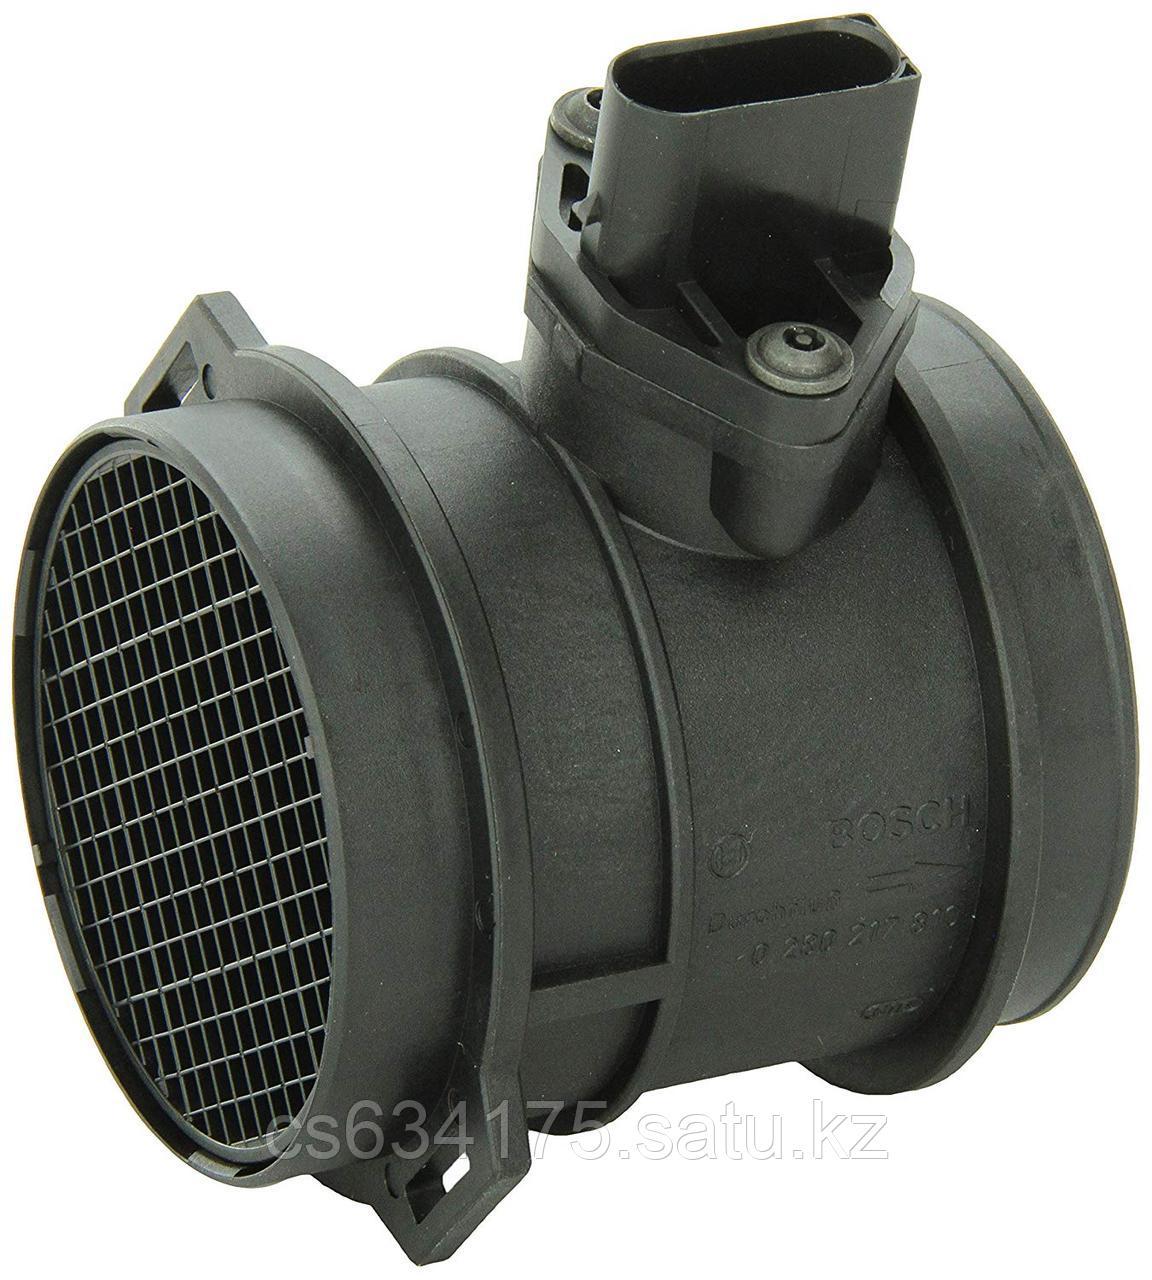 Волюметр (расходомер воздуха) Bosch